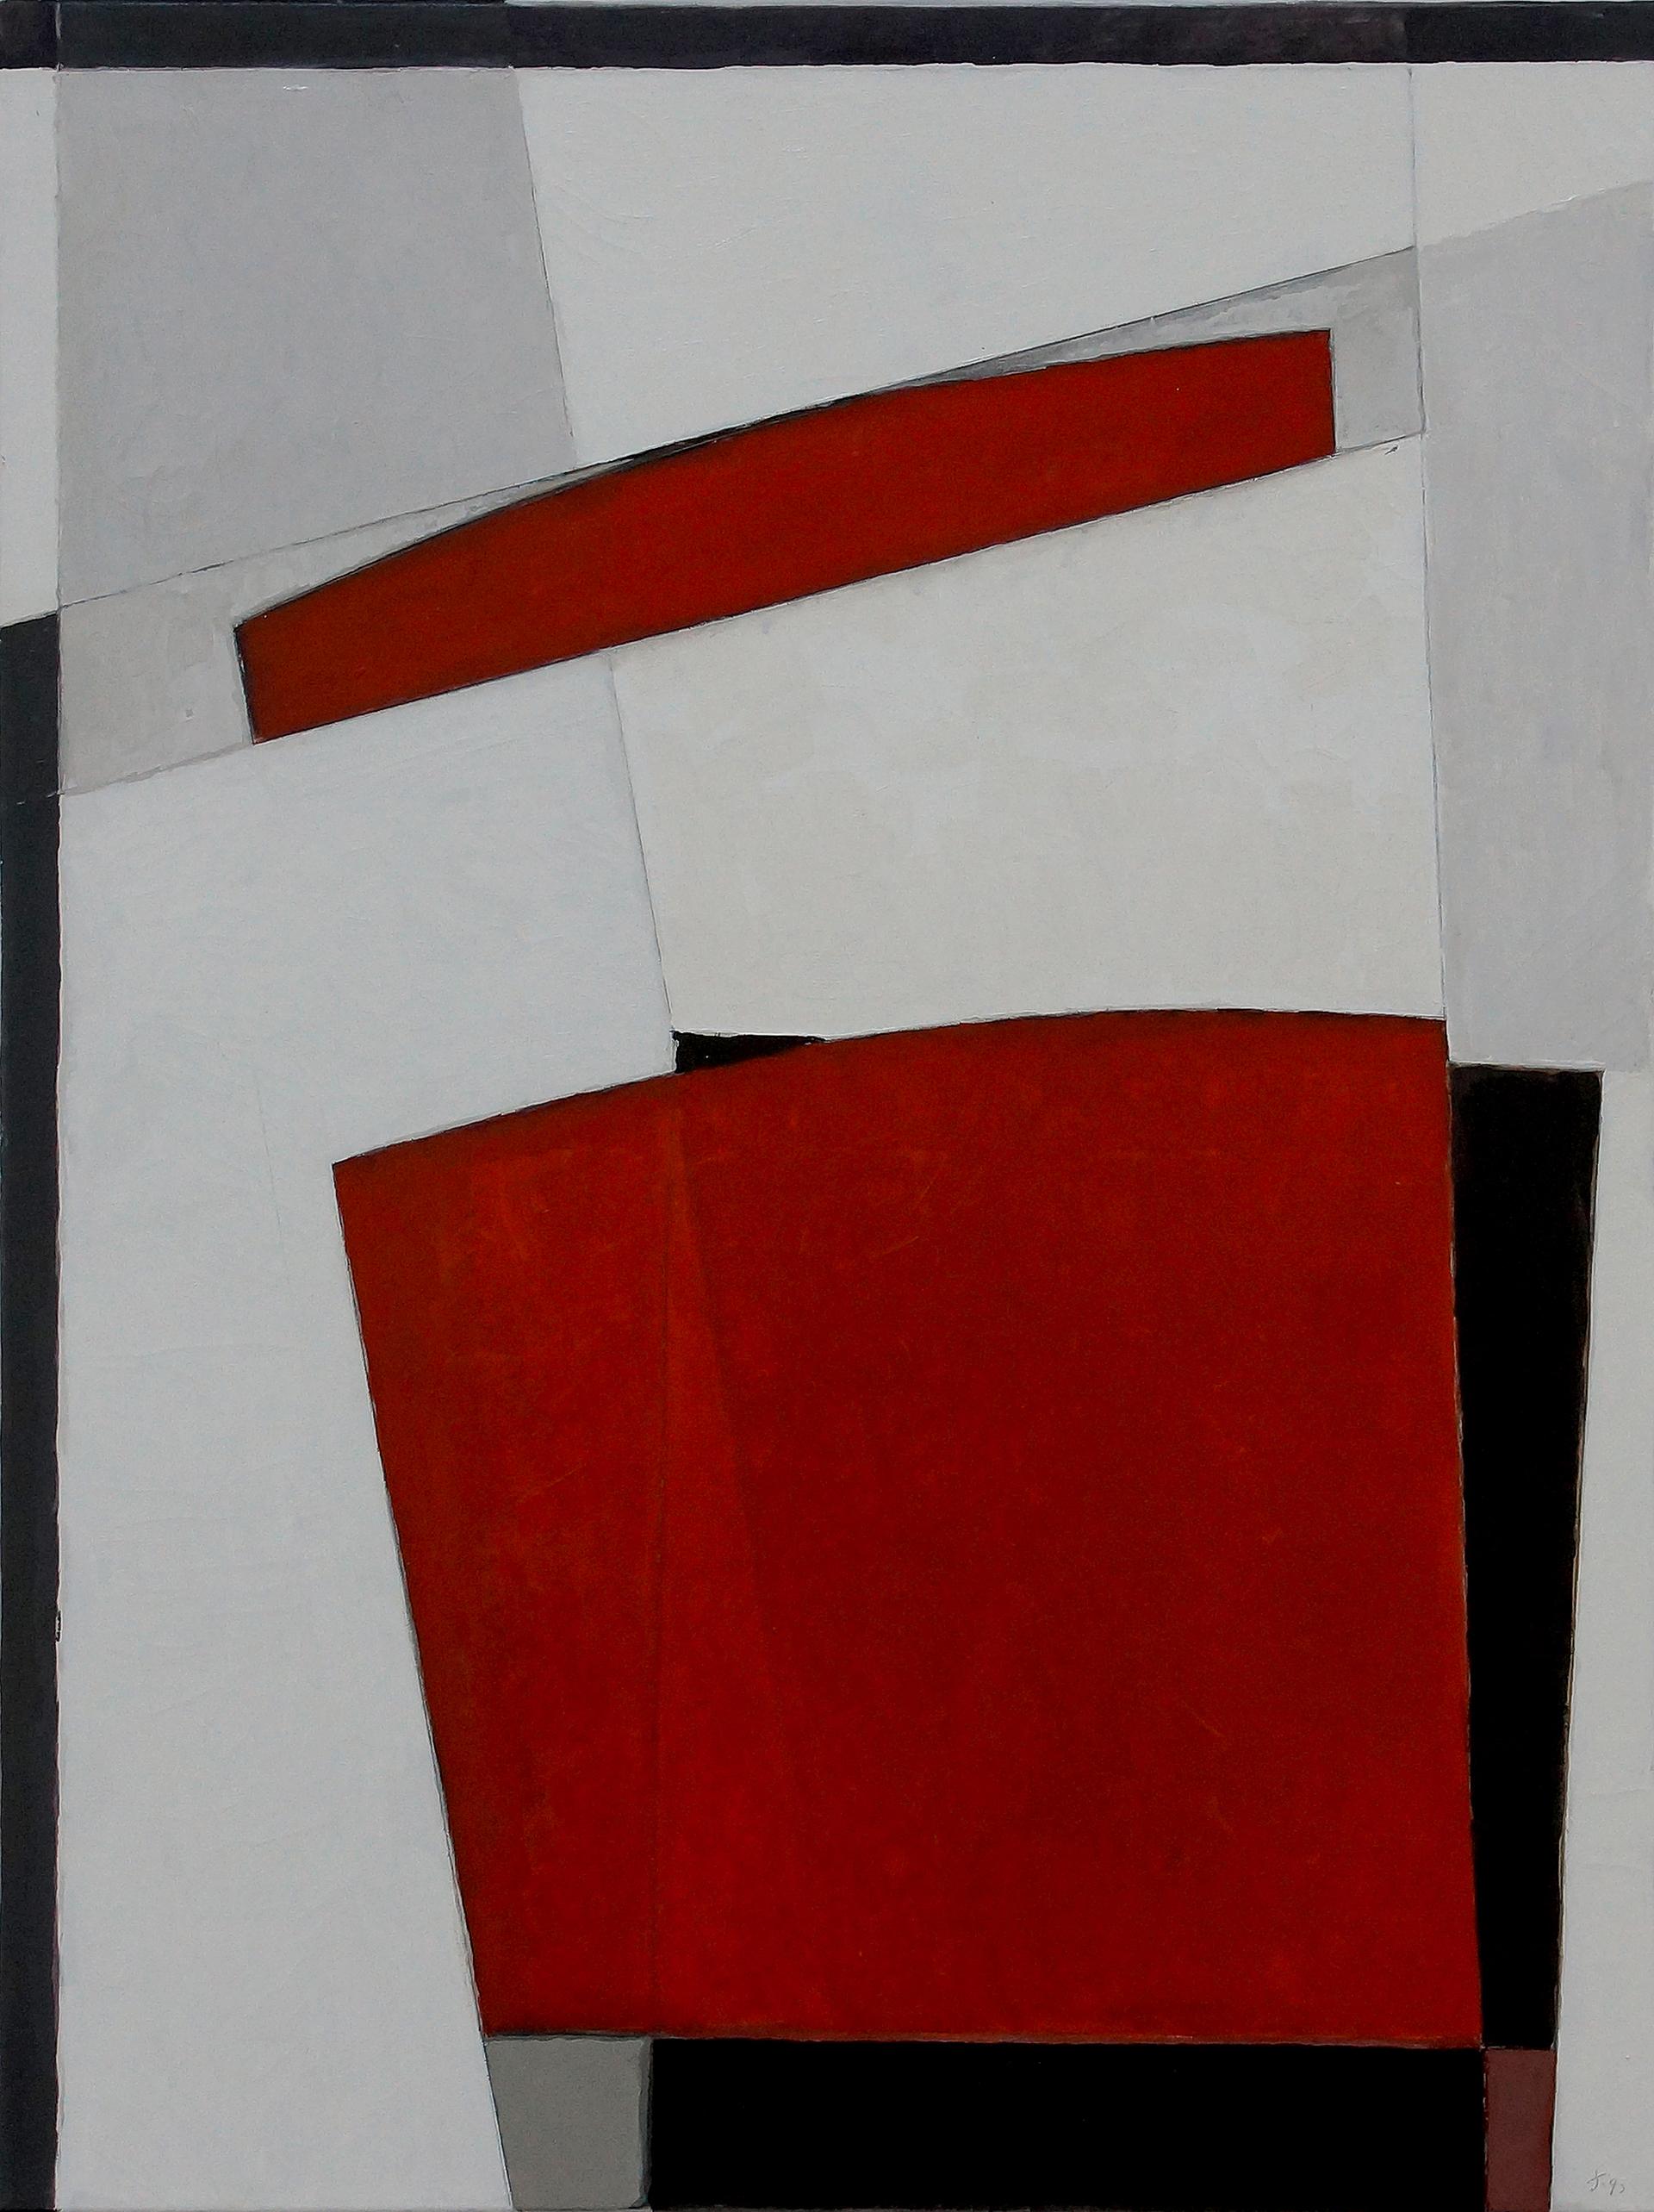 Heinrich Siepmann: B 16 (1995)